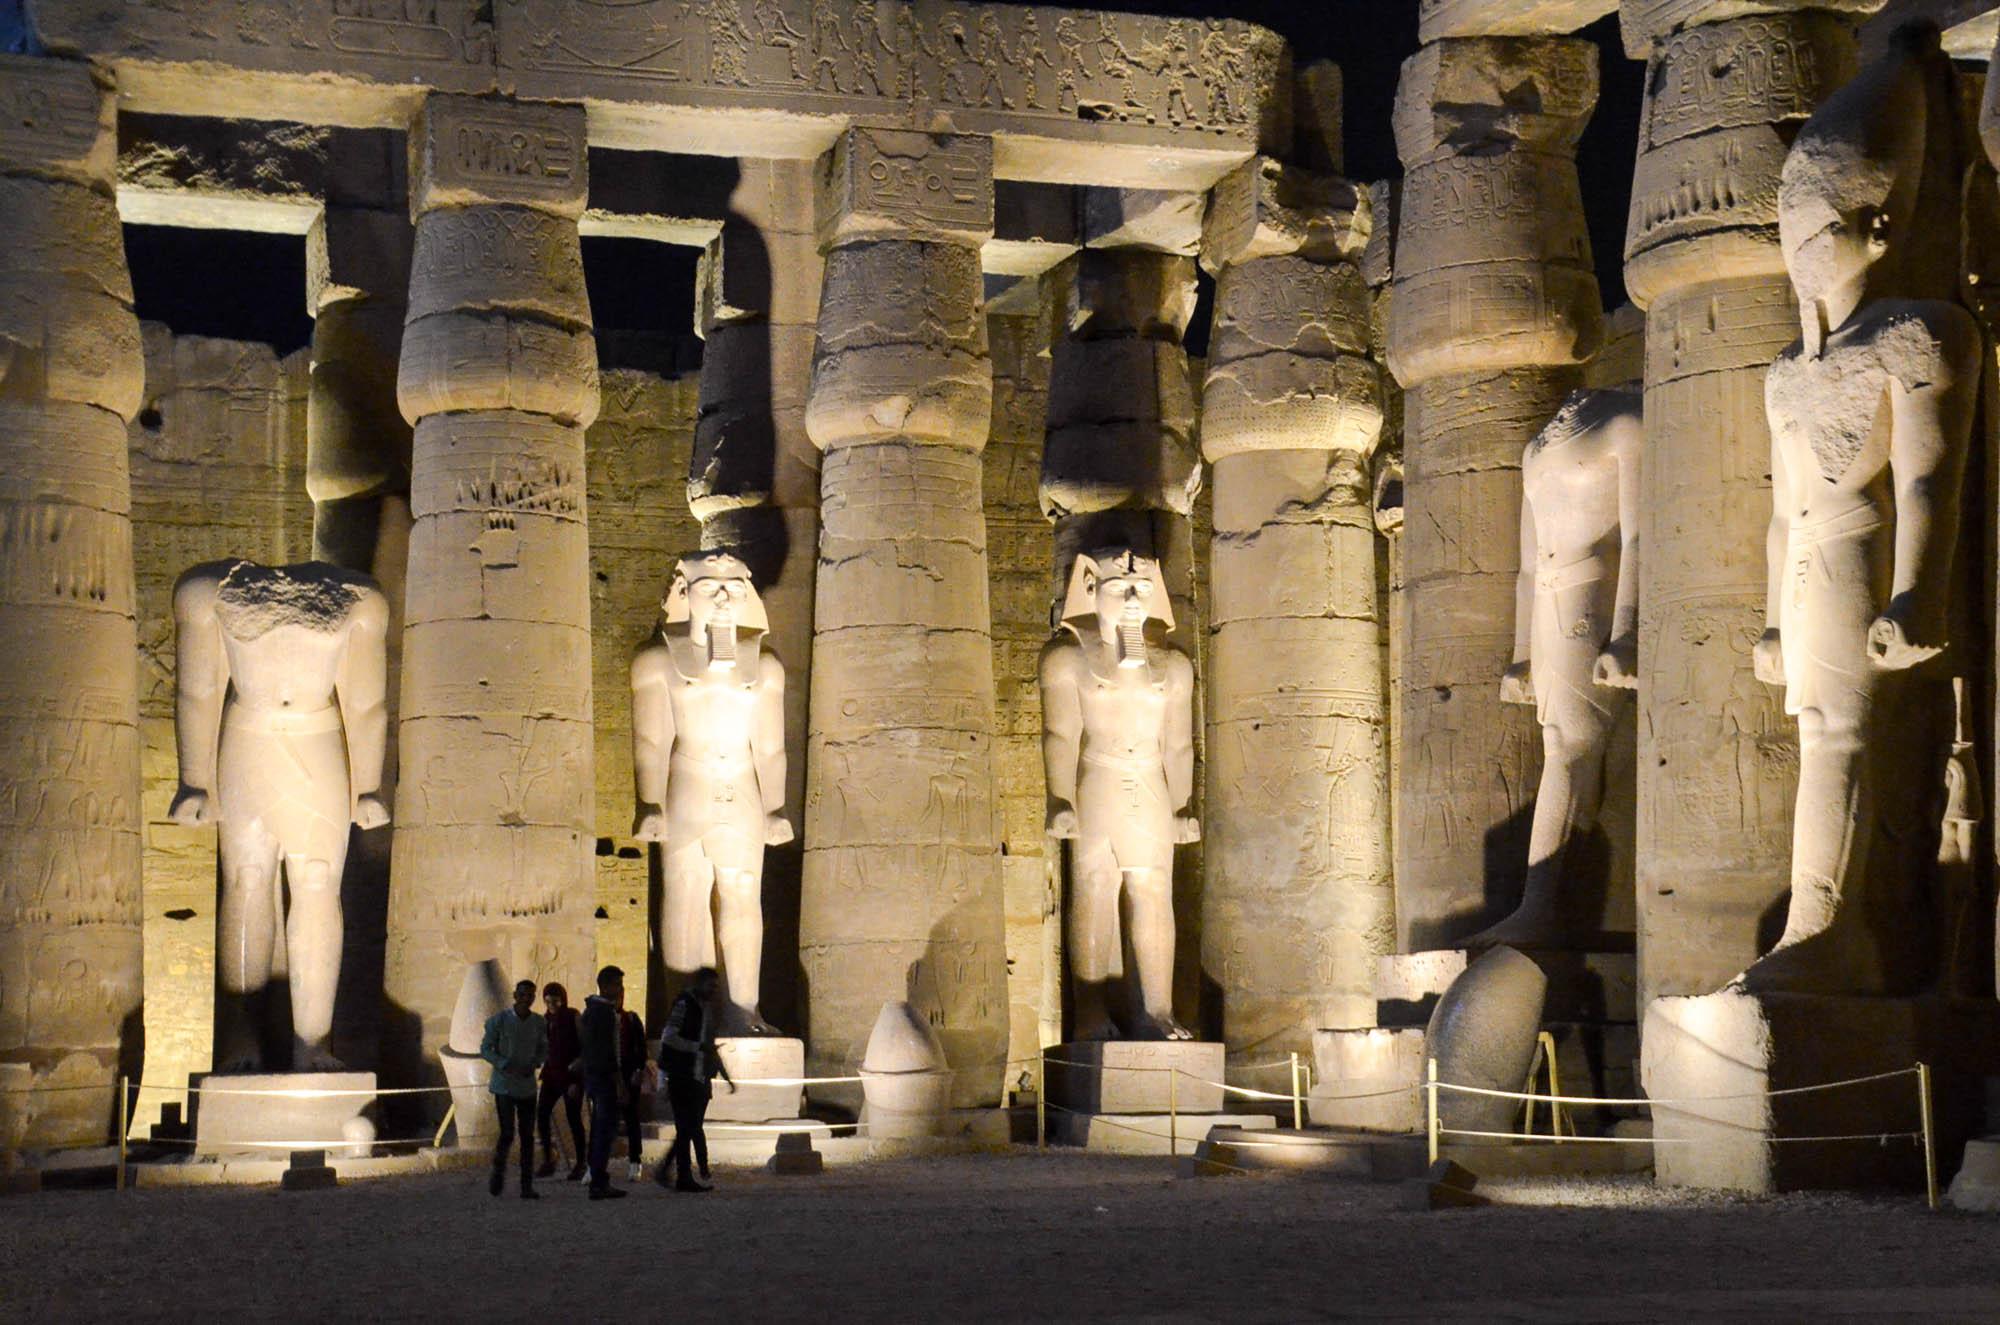 Der Luxor-Tempel ist bis spätabends geöffnet. Im ersten, von einer doppelten Kolonnade umgebenen, Hof stehen Statuen, die zwar den Namen von Ramses II. tragen, zum Teil aber aus der Zeit von Amenophis III. stammen. Foto: Matthieu Götz